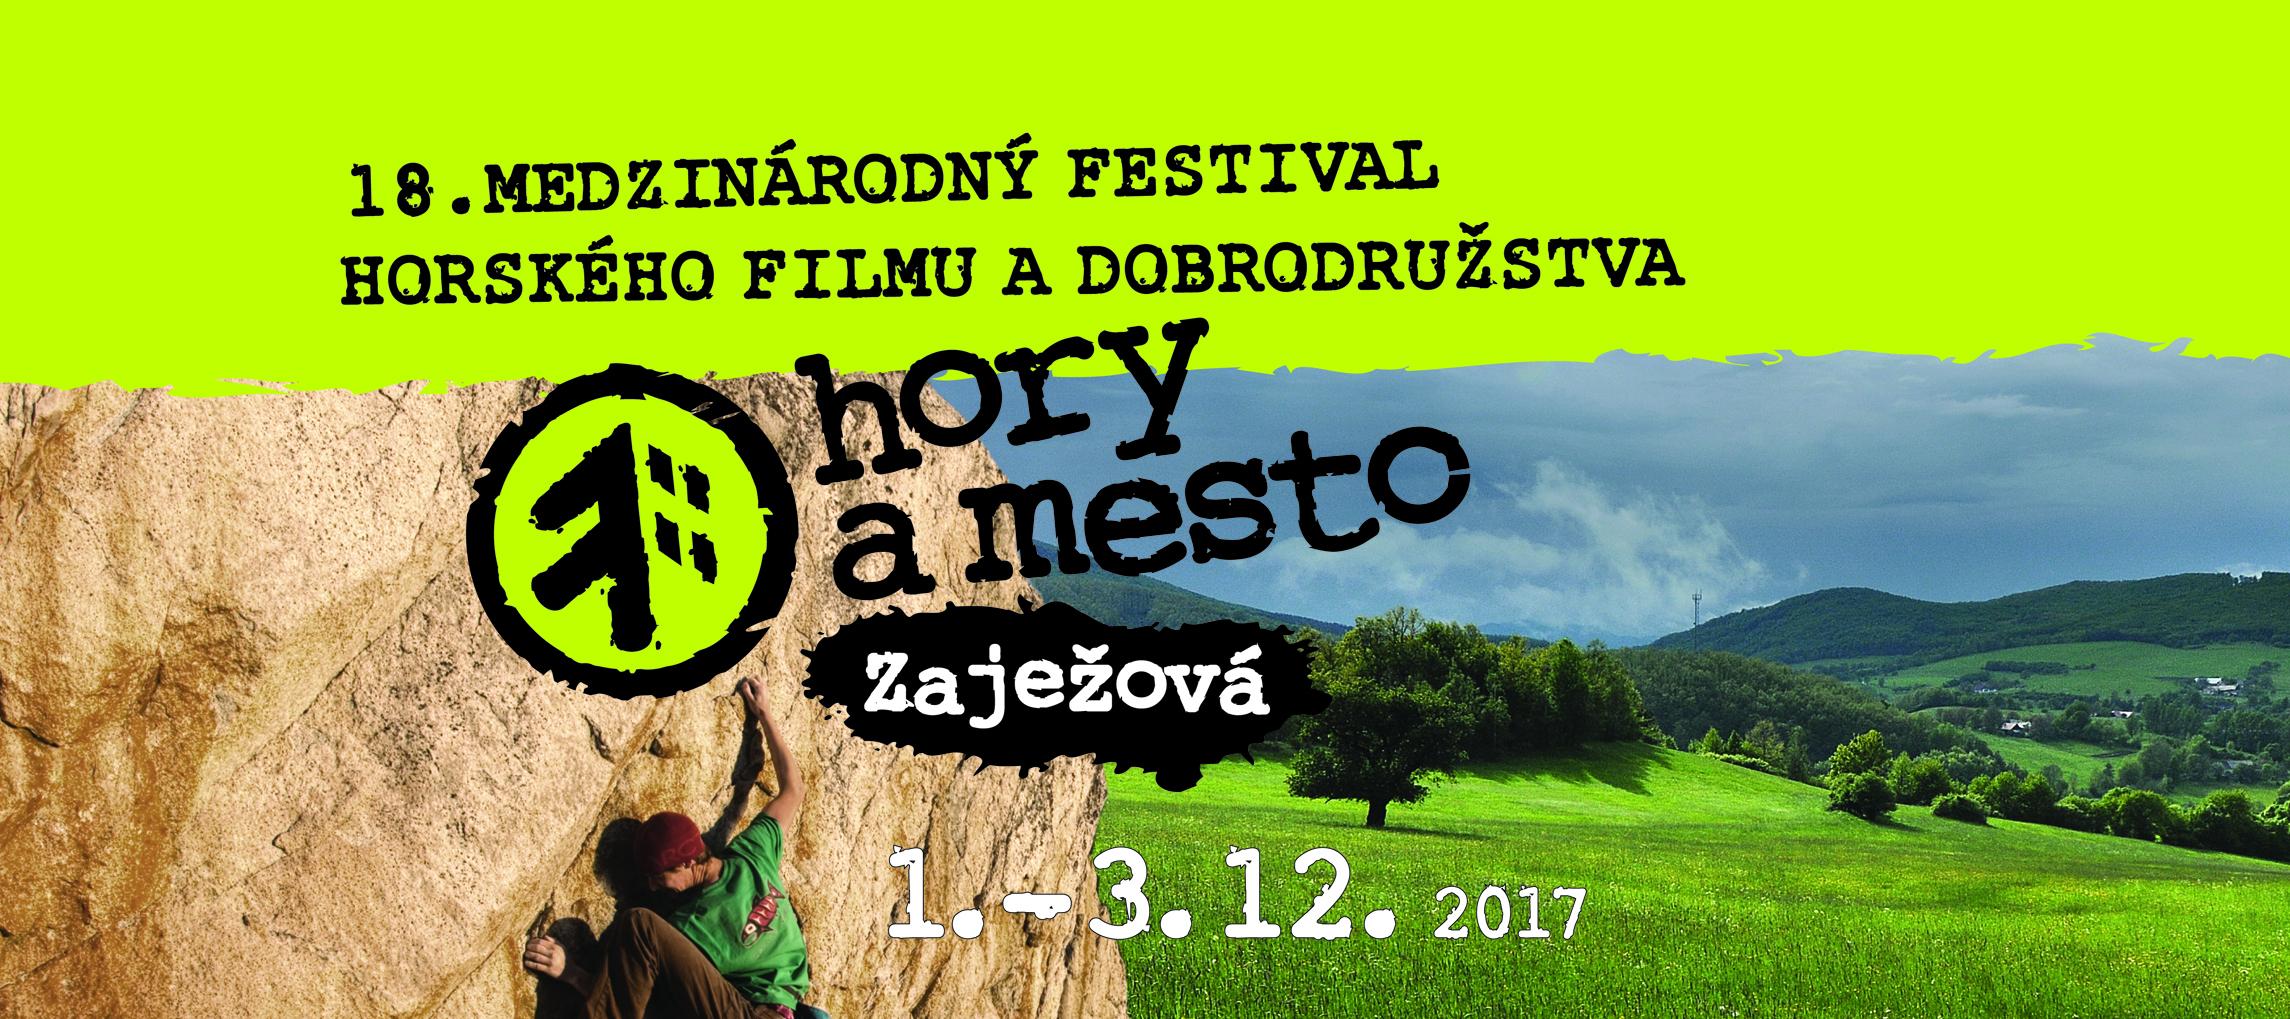 9ae9c7aff1 Festival horského filmu a dobrodružstva Hory a mesto Zaježová ...